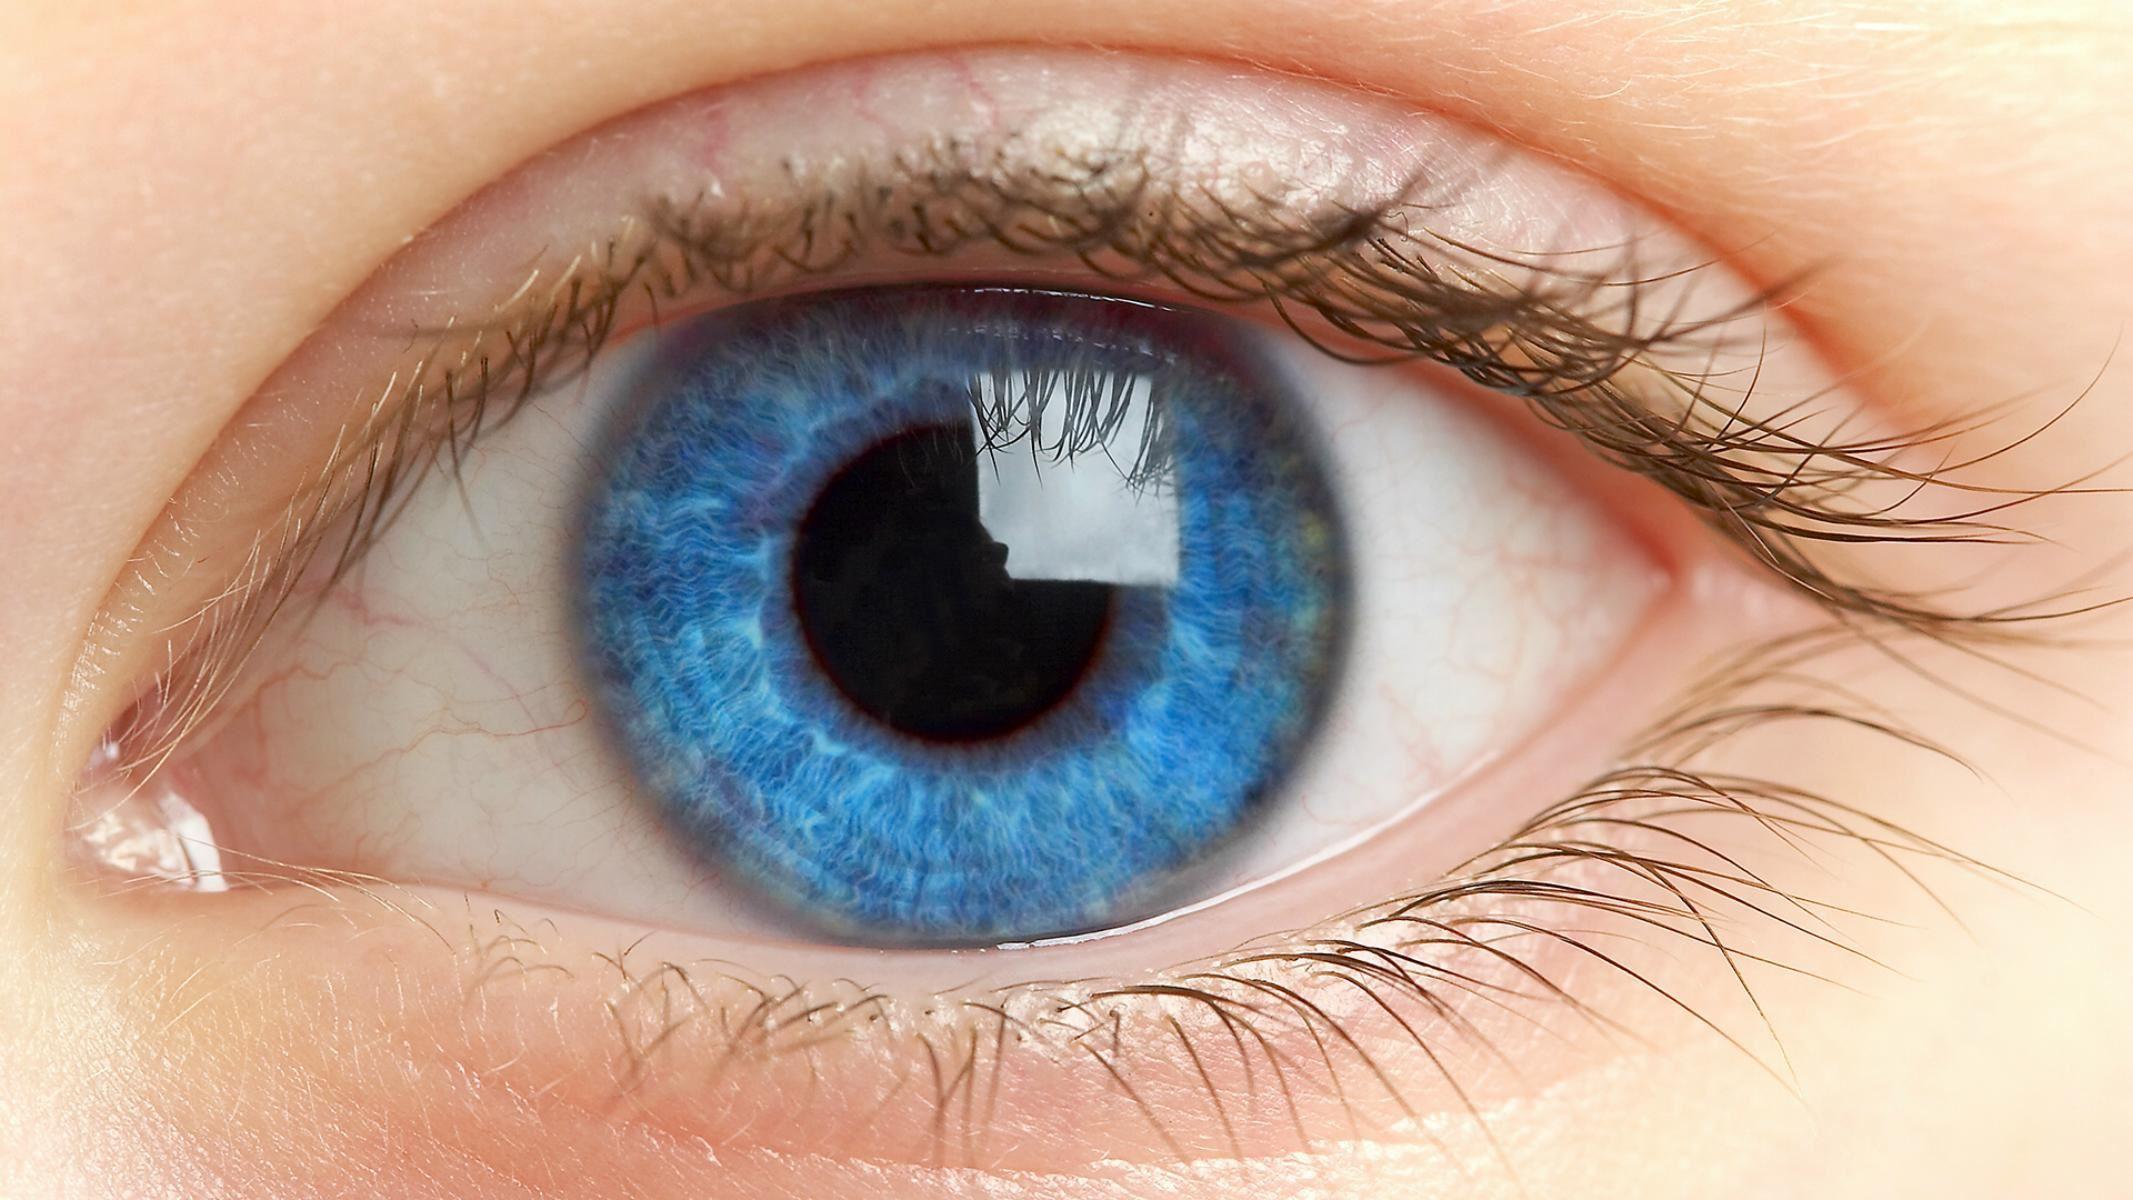 بالصور عيون زرقاء , صور لاجمل العيون الملونة 3586 5